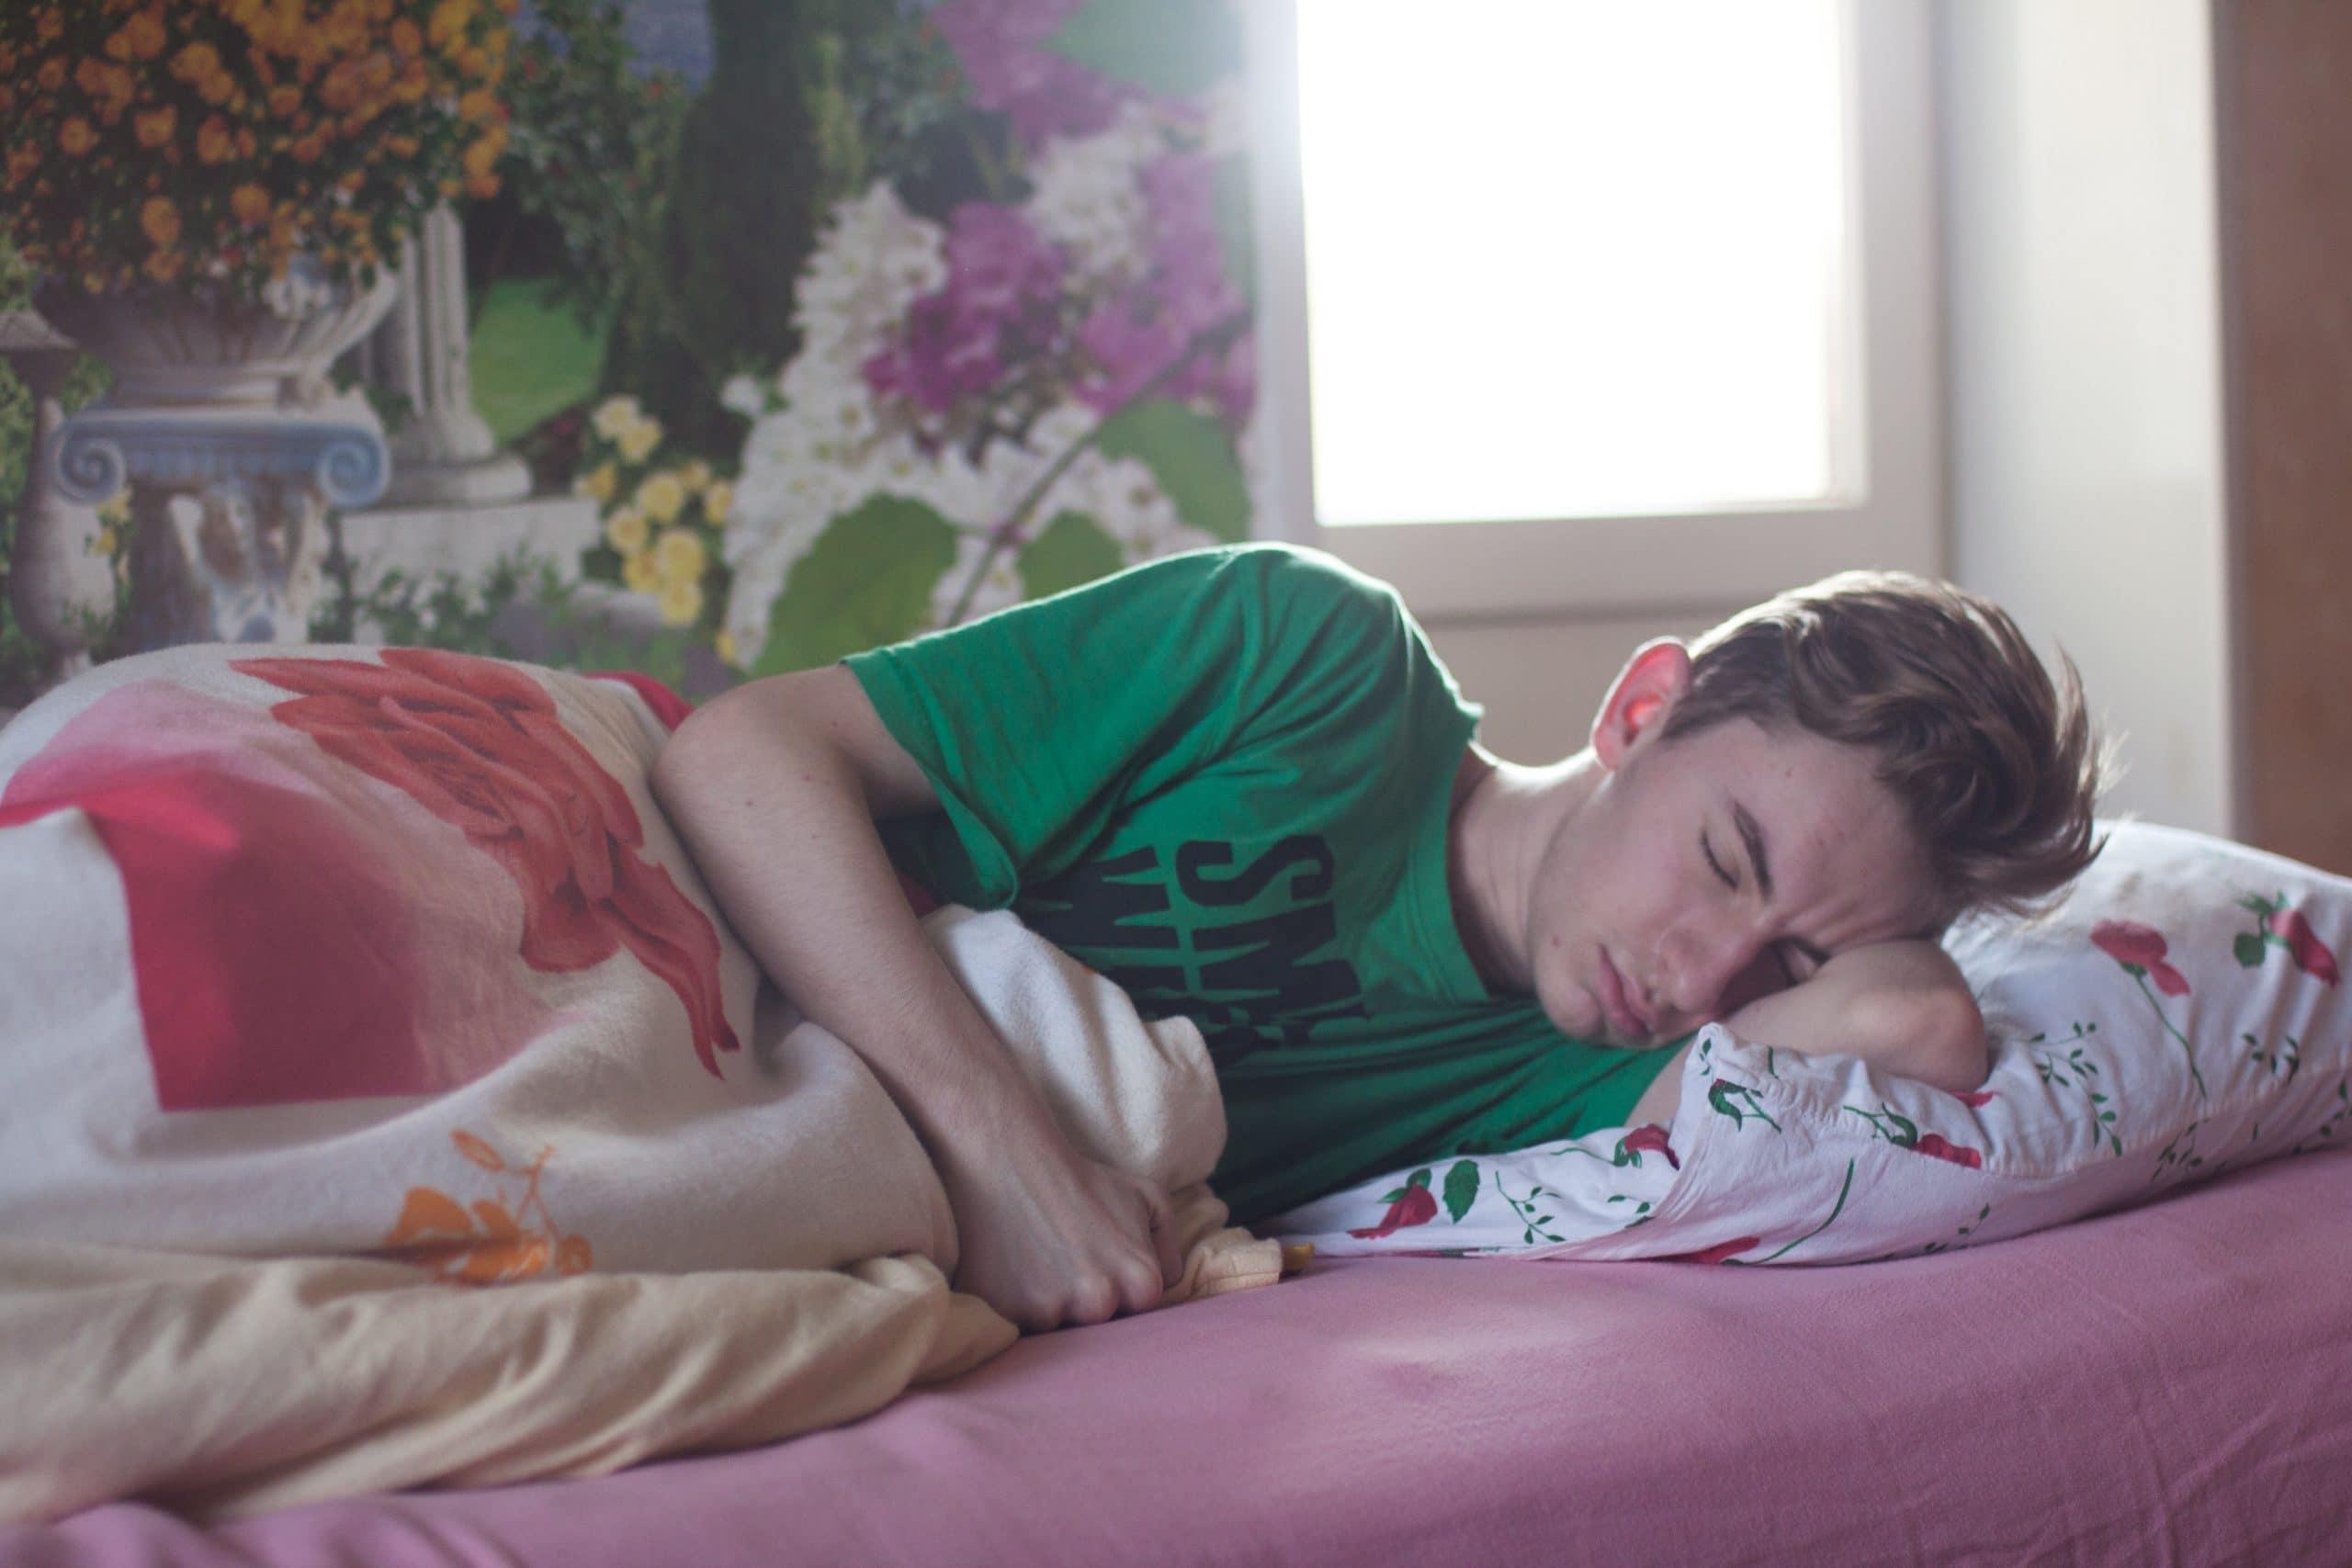 Menino dormindo na cama em um quarto sonhando com a expressão angustiada.